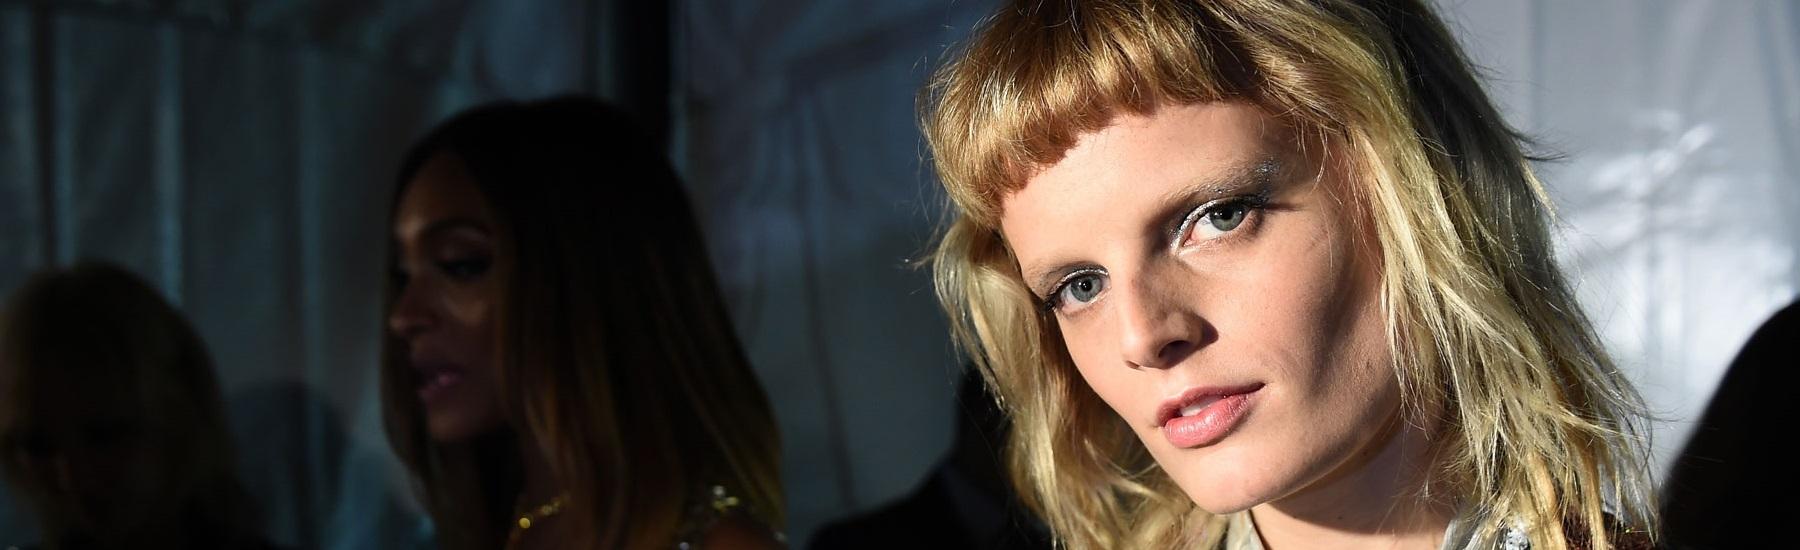 sexdating limburg zweedse actrices